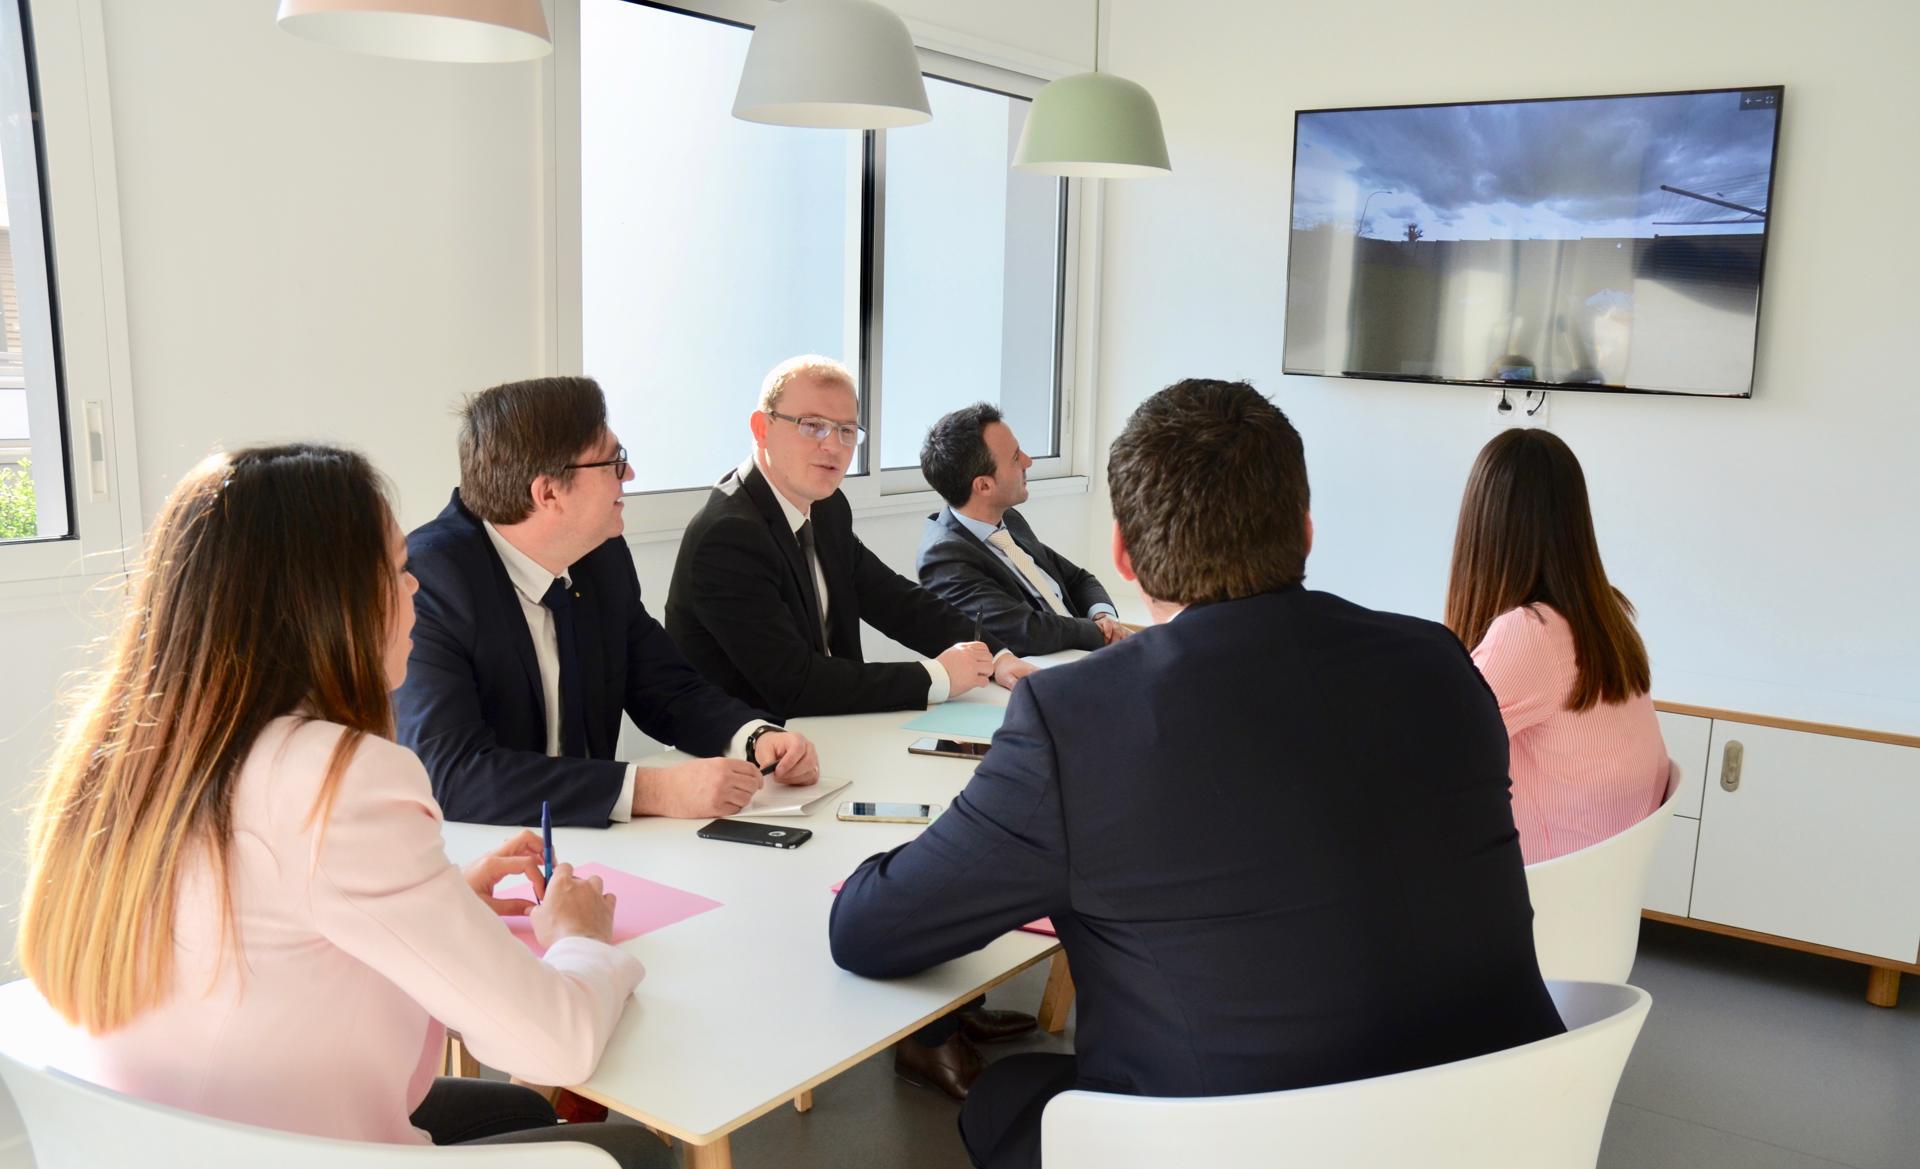 Espace Offres Pourvoir Recrutement Groupe Blot ImmobilierToutes À Les w0PXnOk8